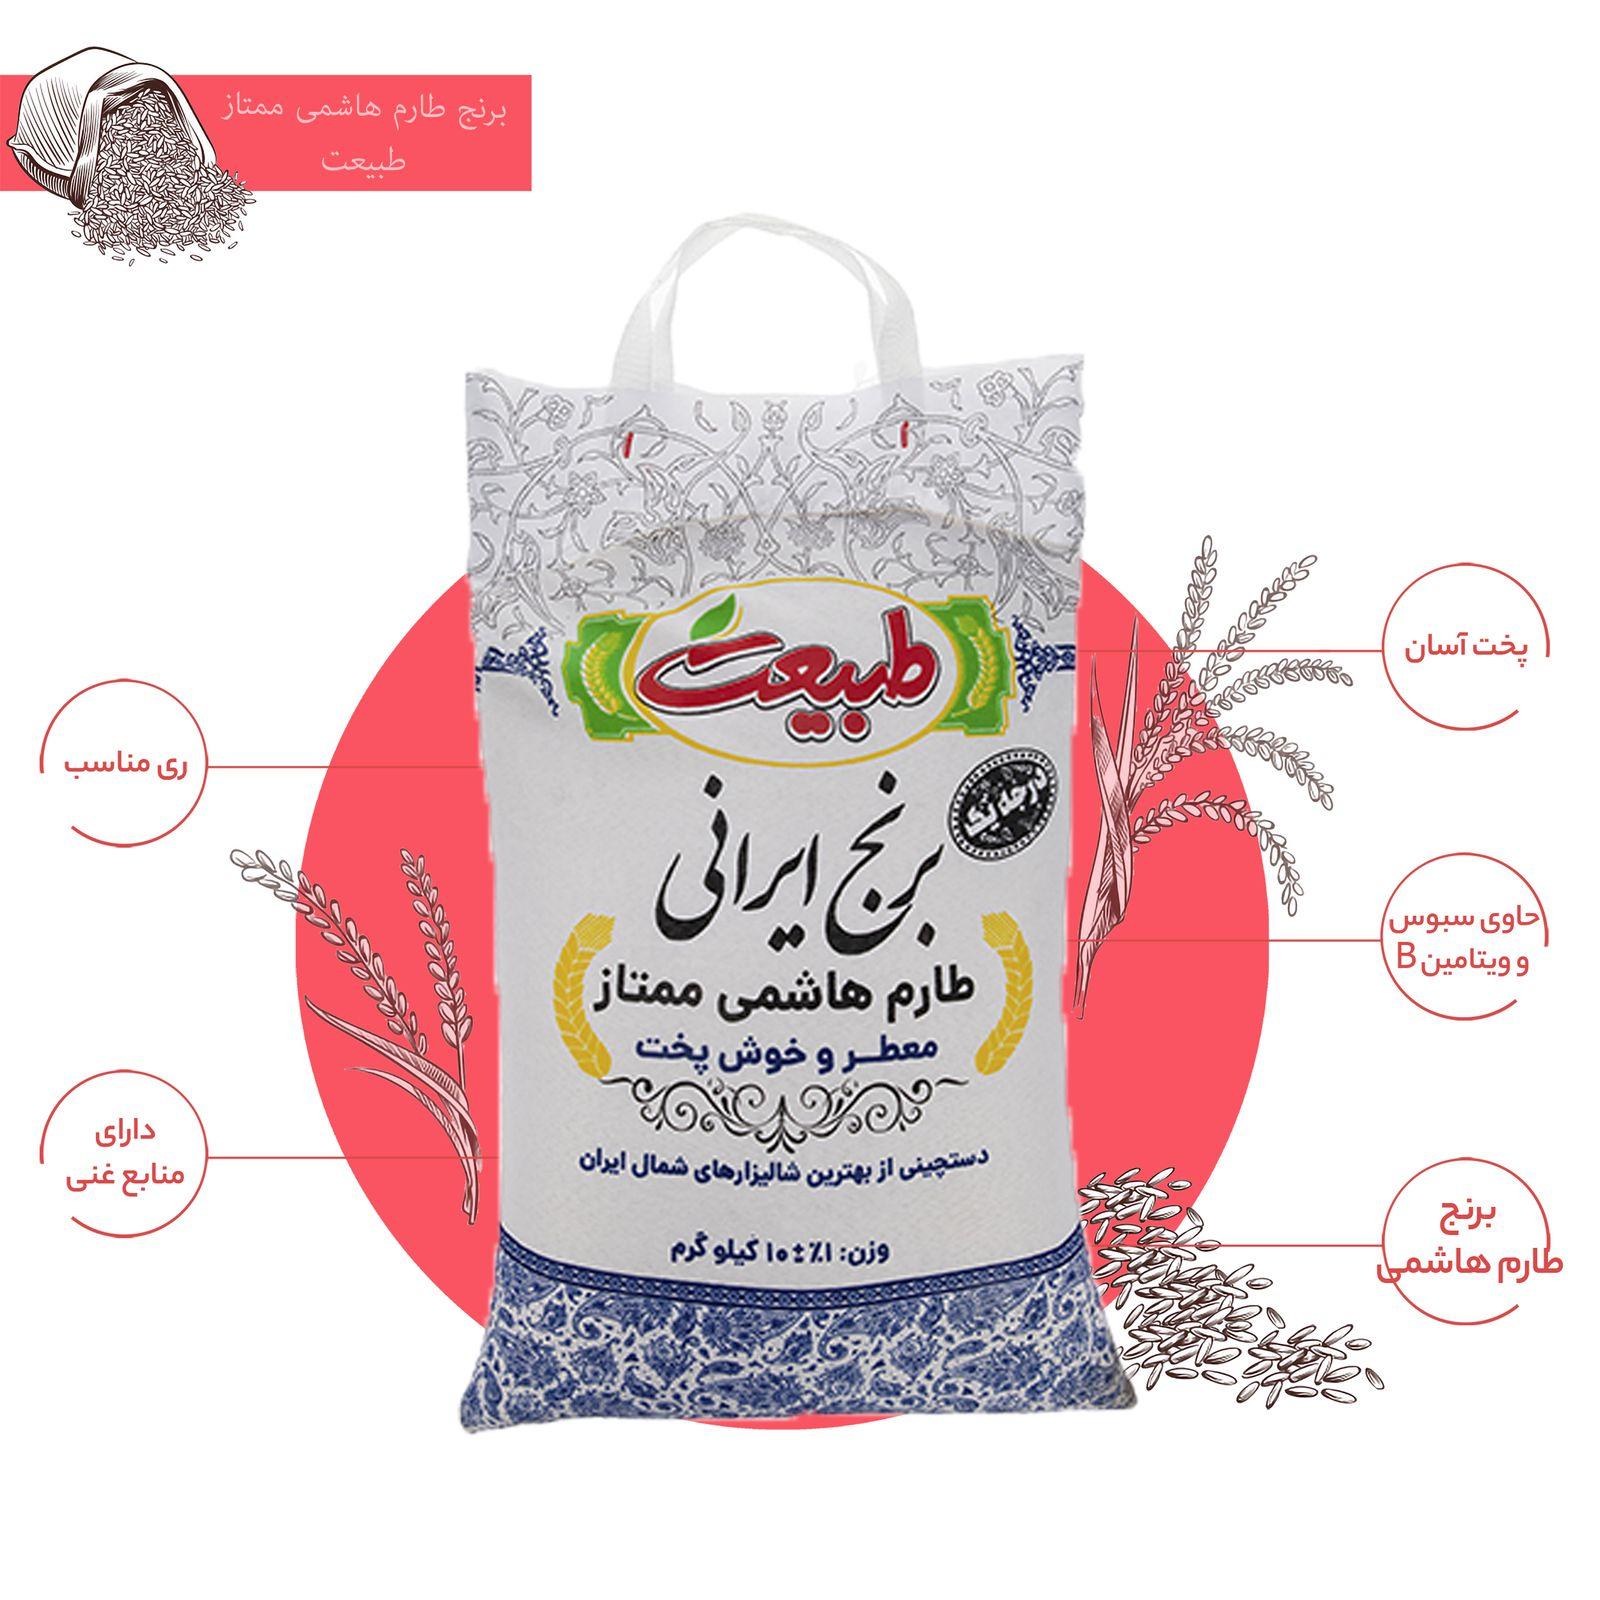 برنج طارم هاشمی ممتاز طبیعت - 10 کیلوگرم main 1 4